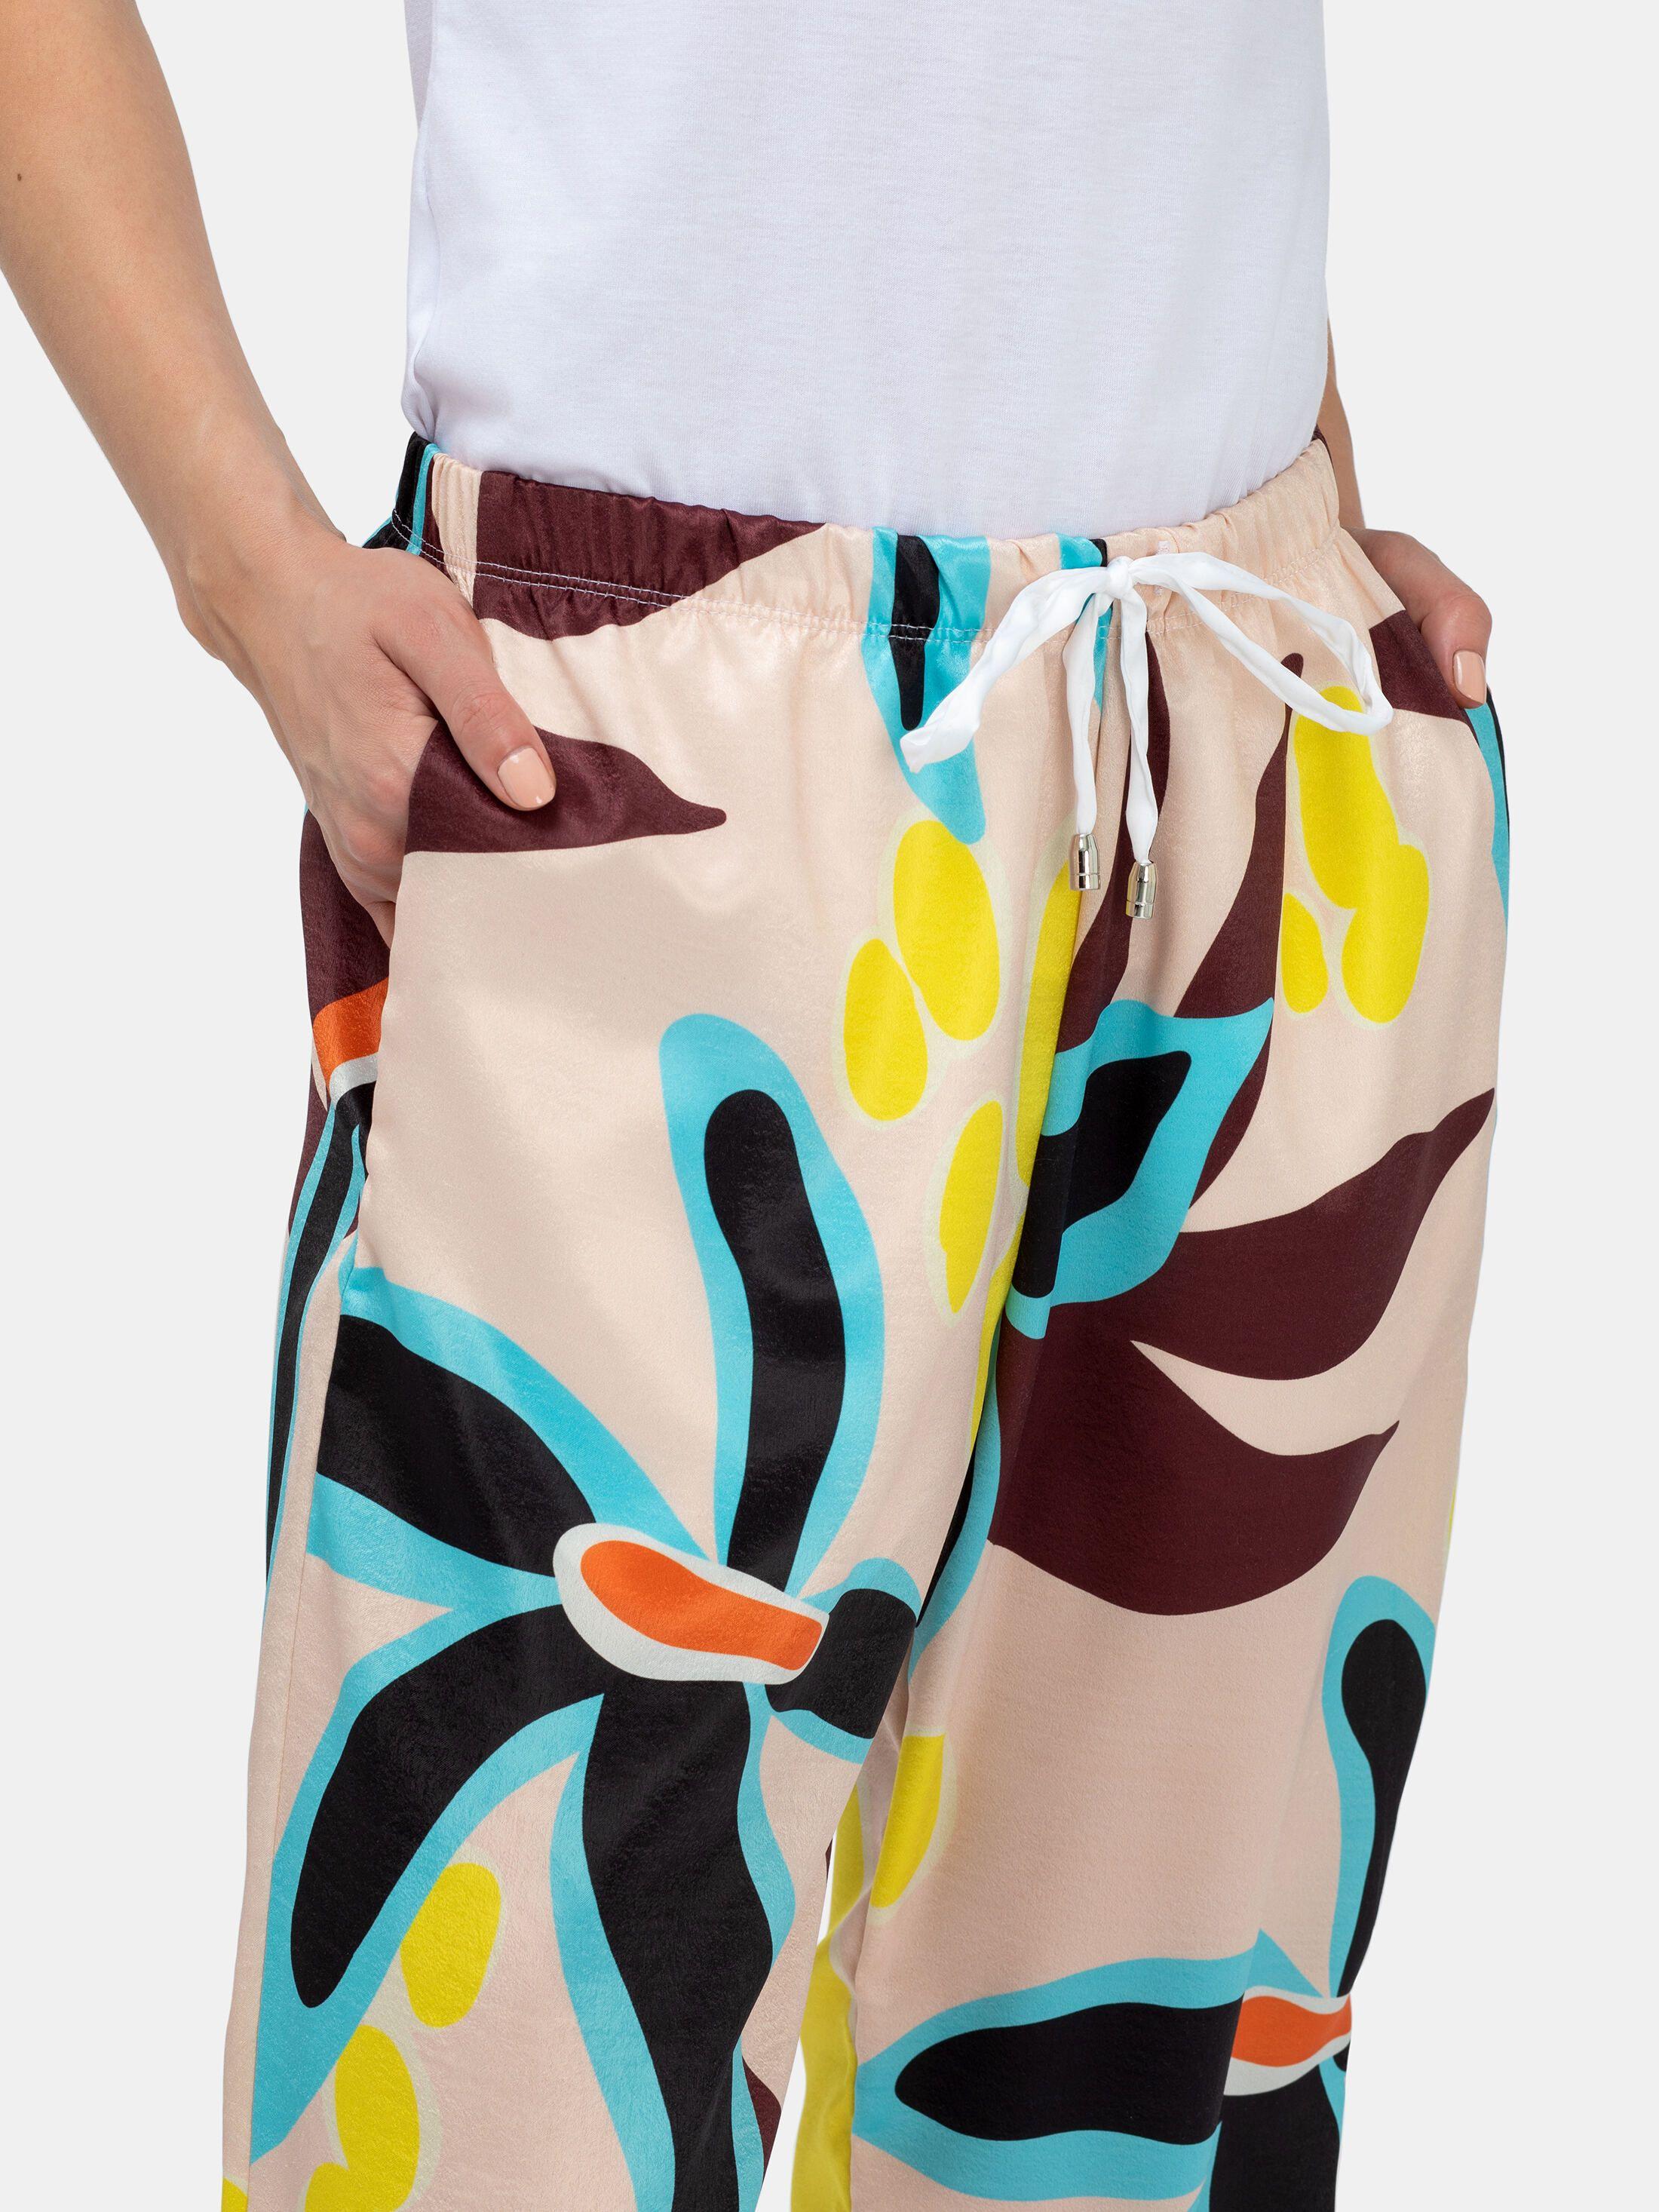 custom made bespoke trousers